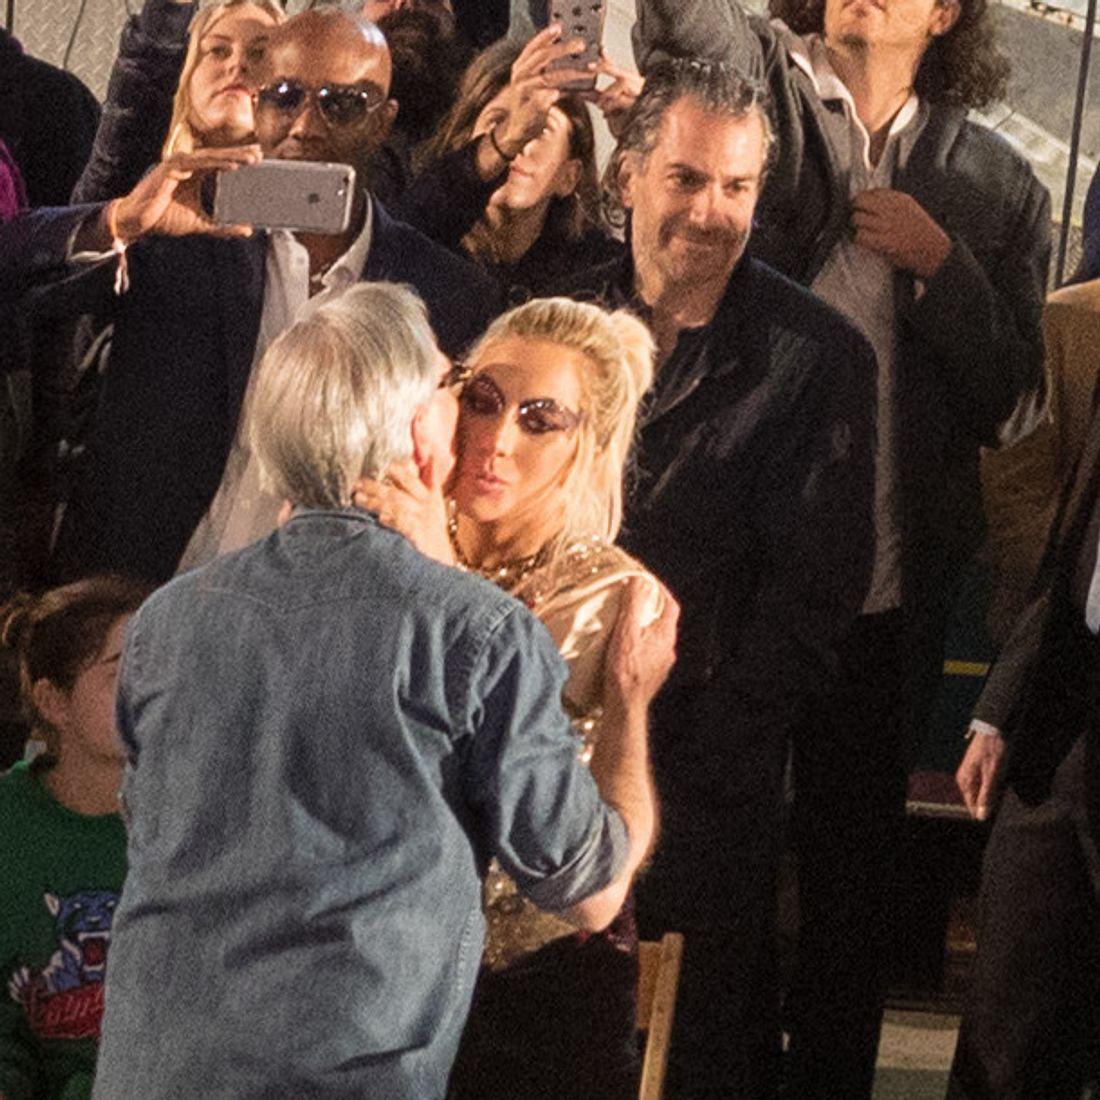 Lady Gagas neuer Freund hält sich bei der 'Tommy Hilfiger'-Fashionshow dezent im Hintergrund